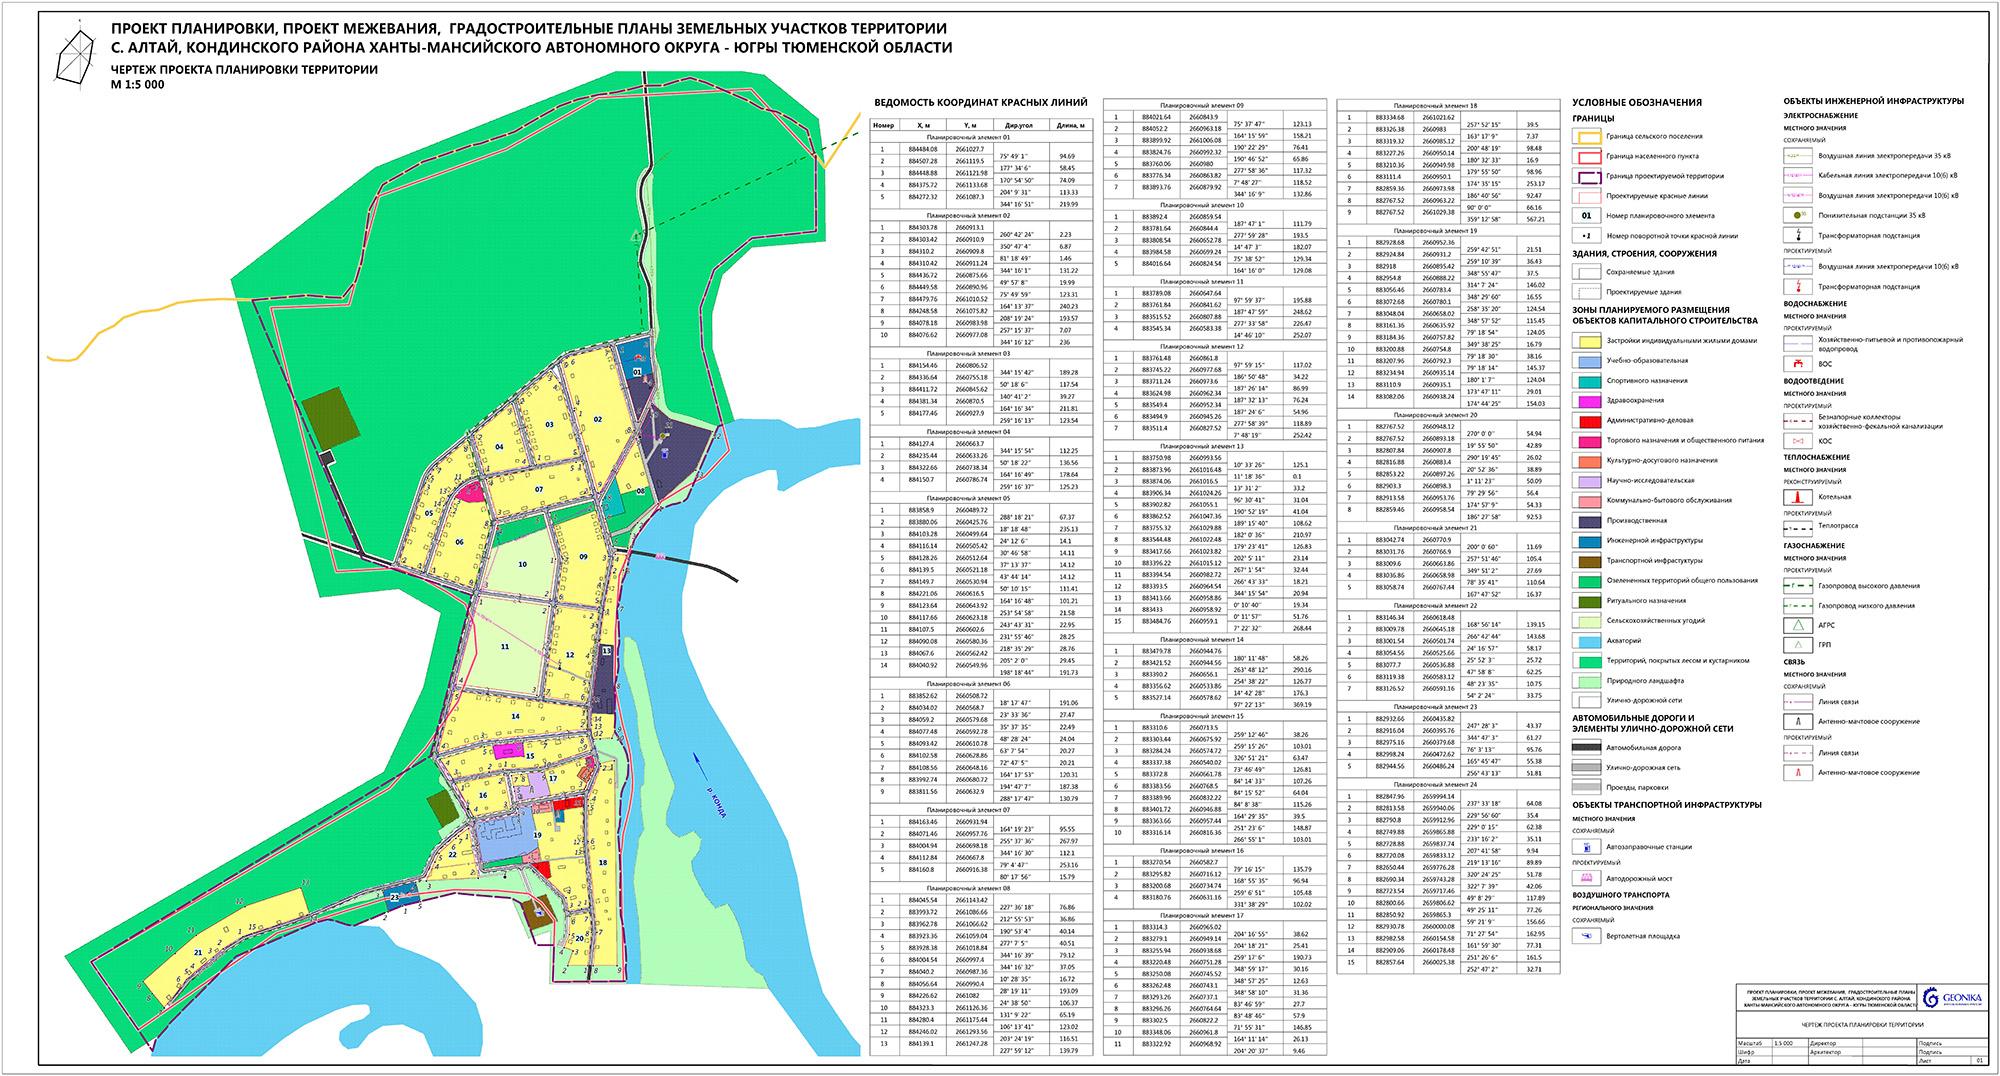 Услуги по получению документов для электроснабжения в Борисово ленэнерго тарифы на технологическое присоединение в 2011г